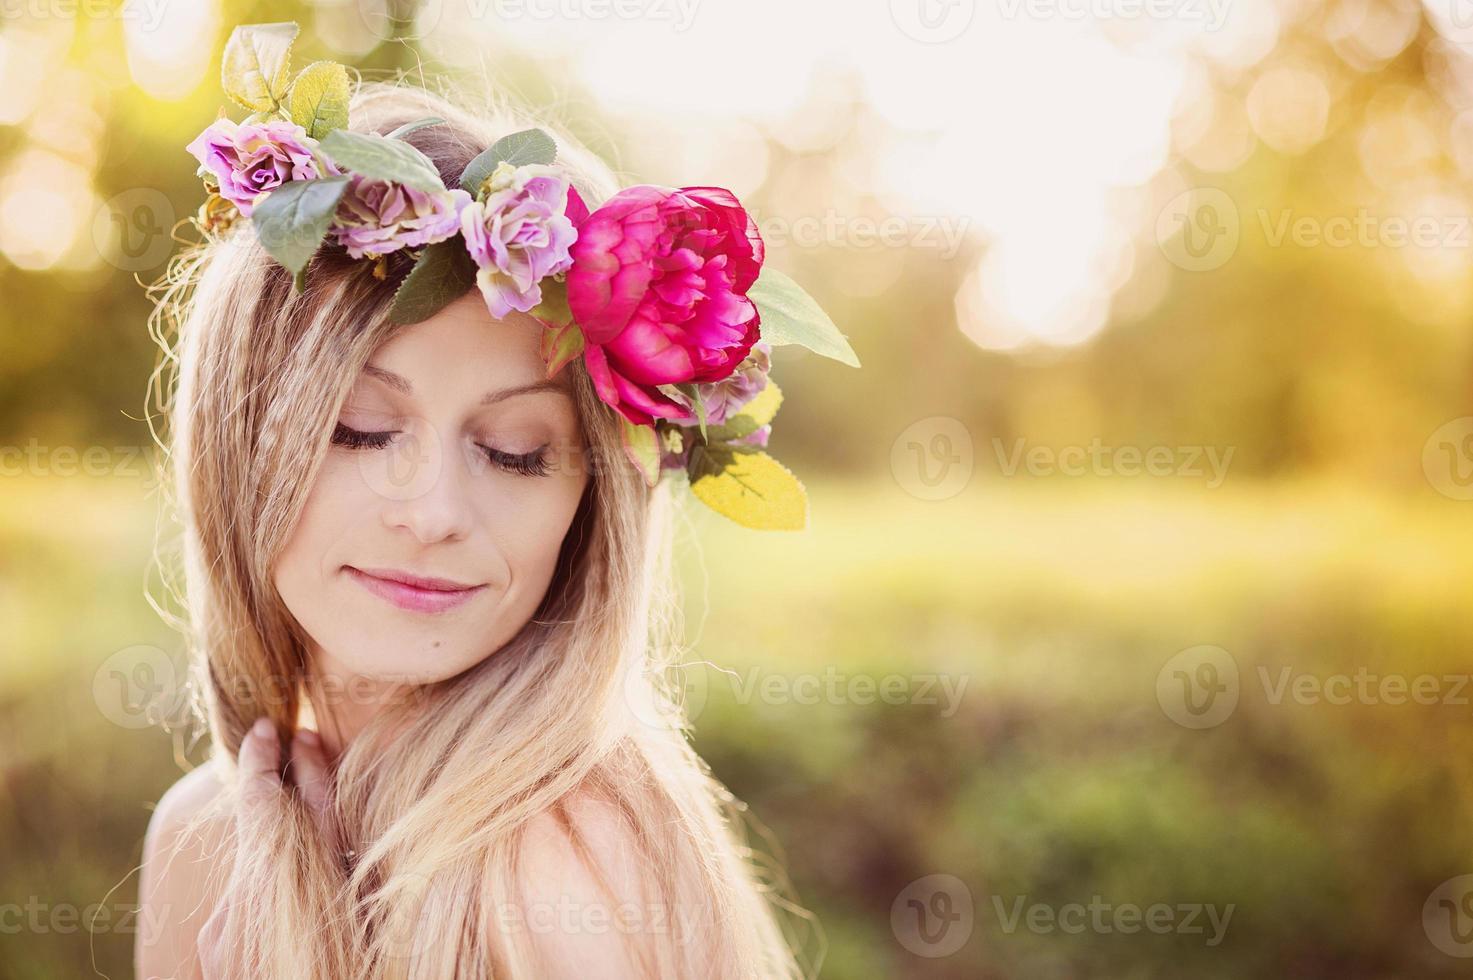 belle femme avec une couronne de fleurs. photo